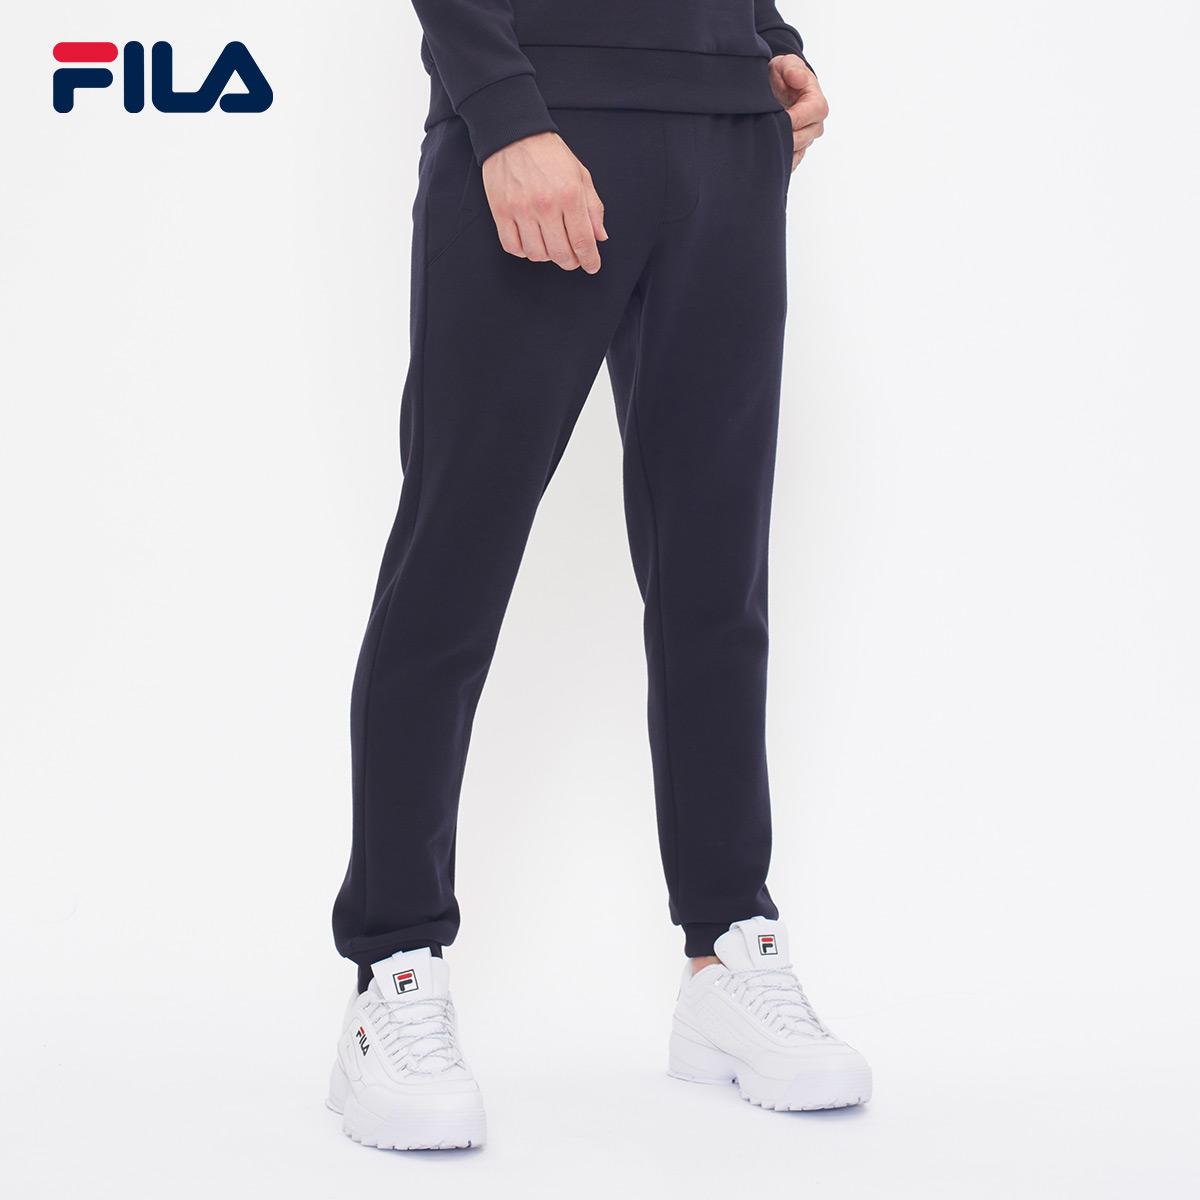 FILA斐乐运动裤男裤2018秋季新品针织透气运动休闲束口裤男长裤